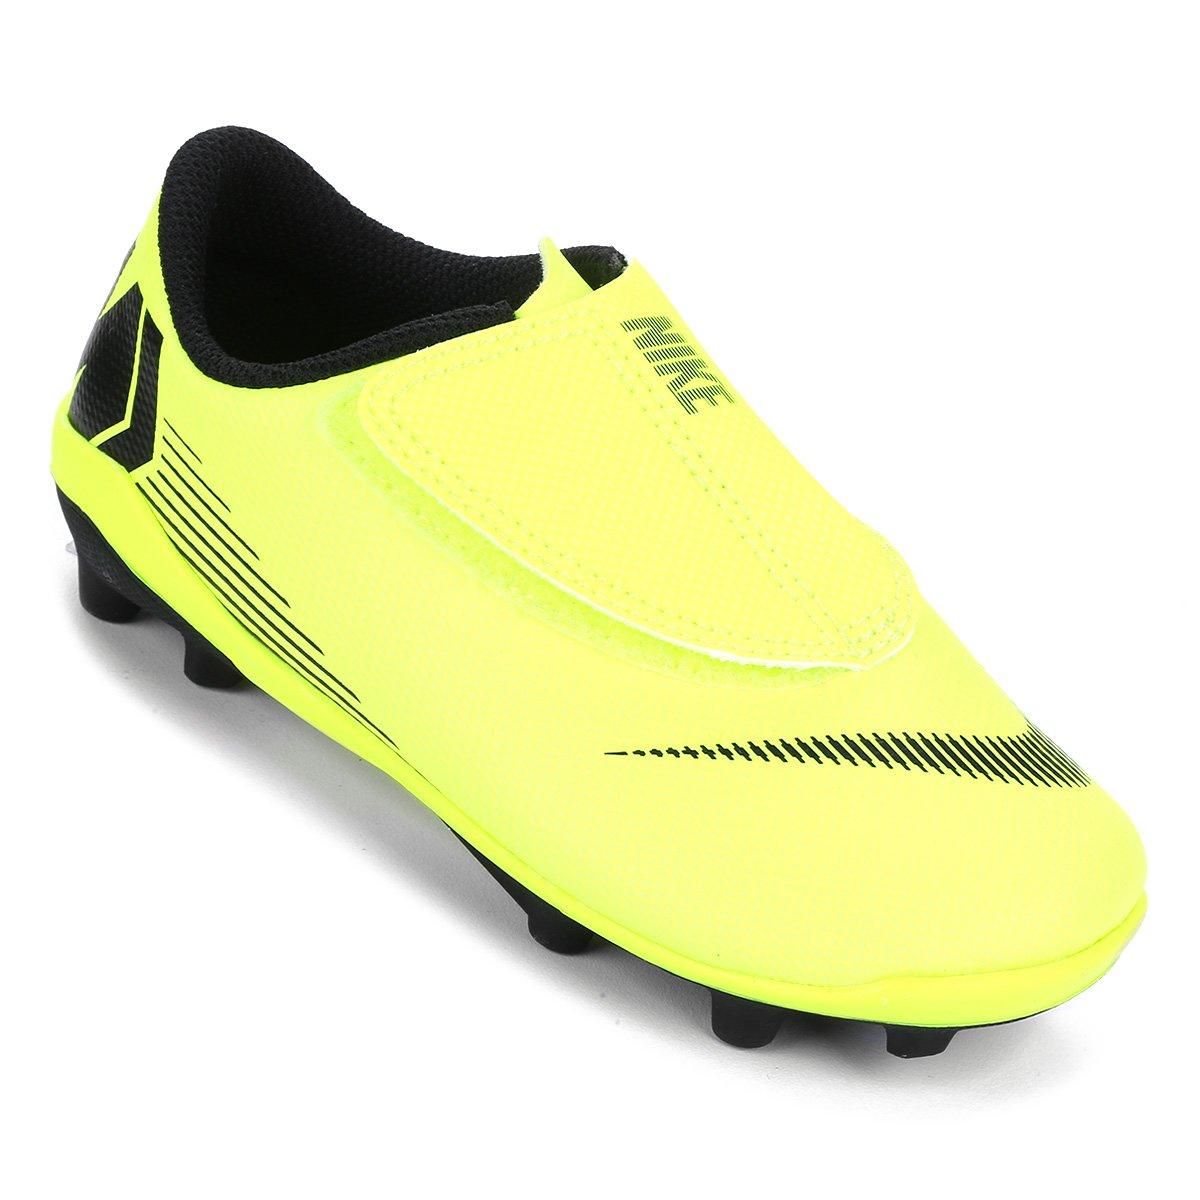 be591ba91d6ec Chuteira Campo Infantil Nike Mercurial Vapor 12 Club PS FG - Amarelo e Preto  - Compre Agora